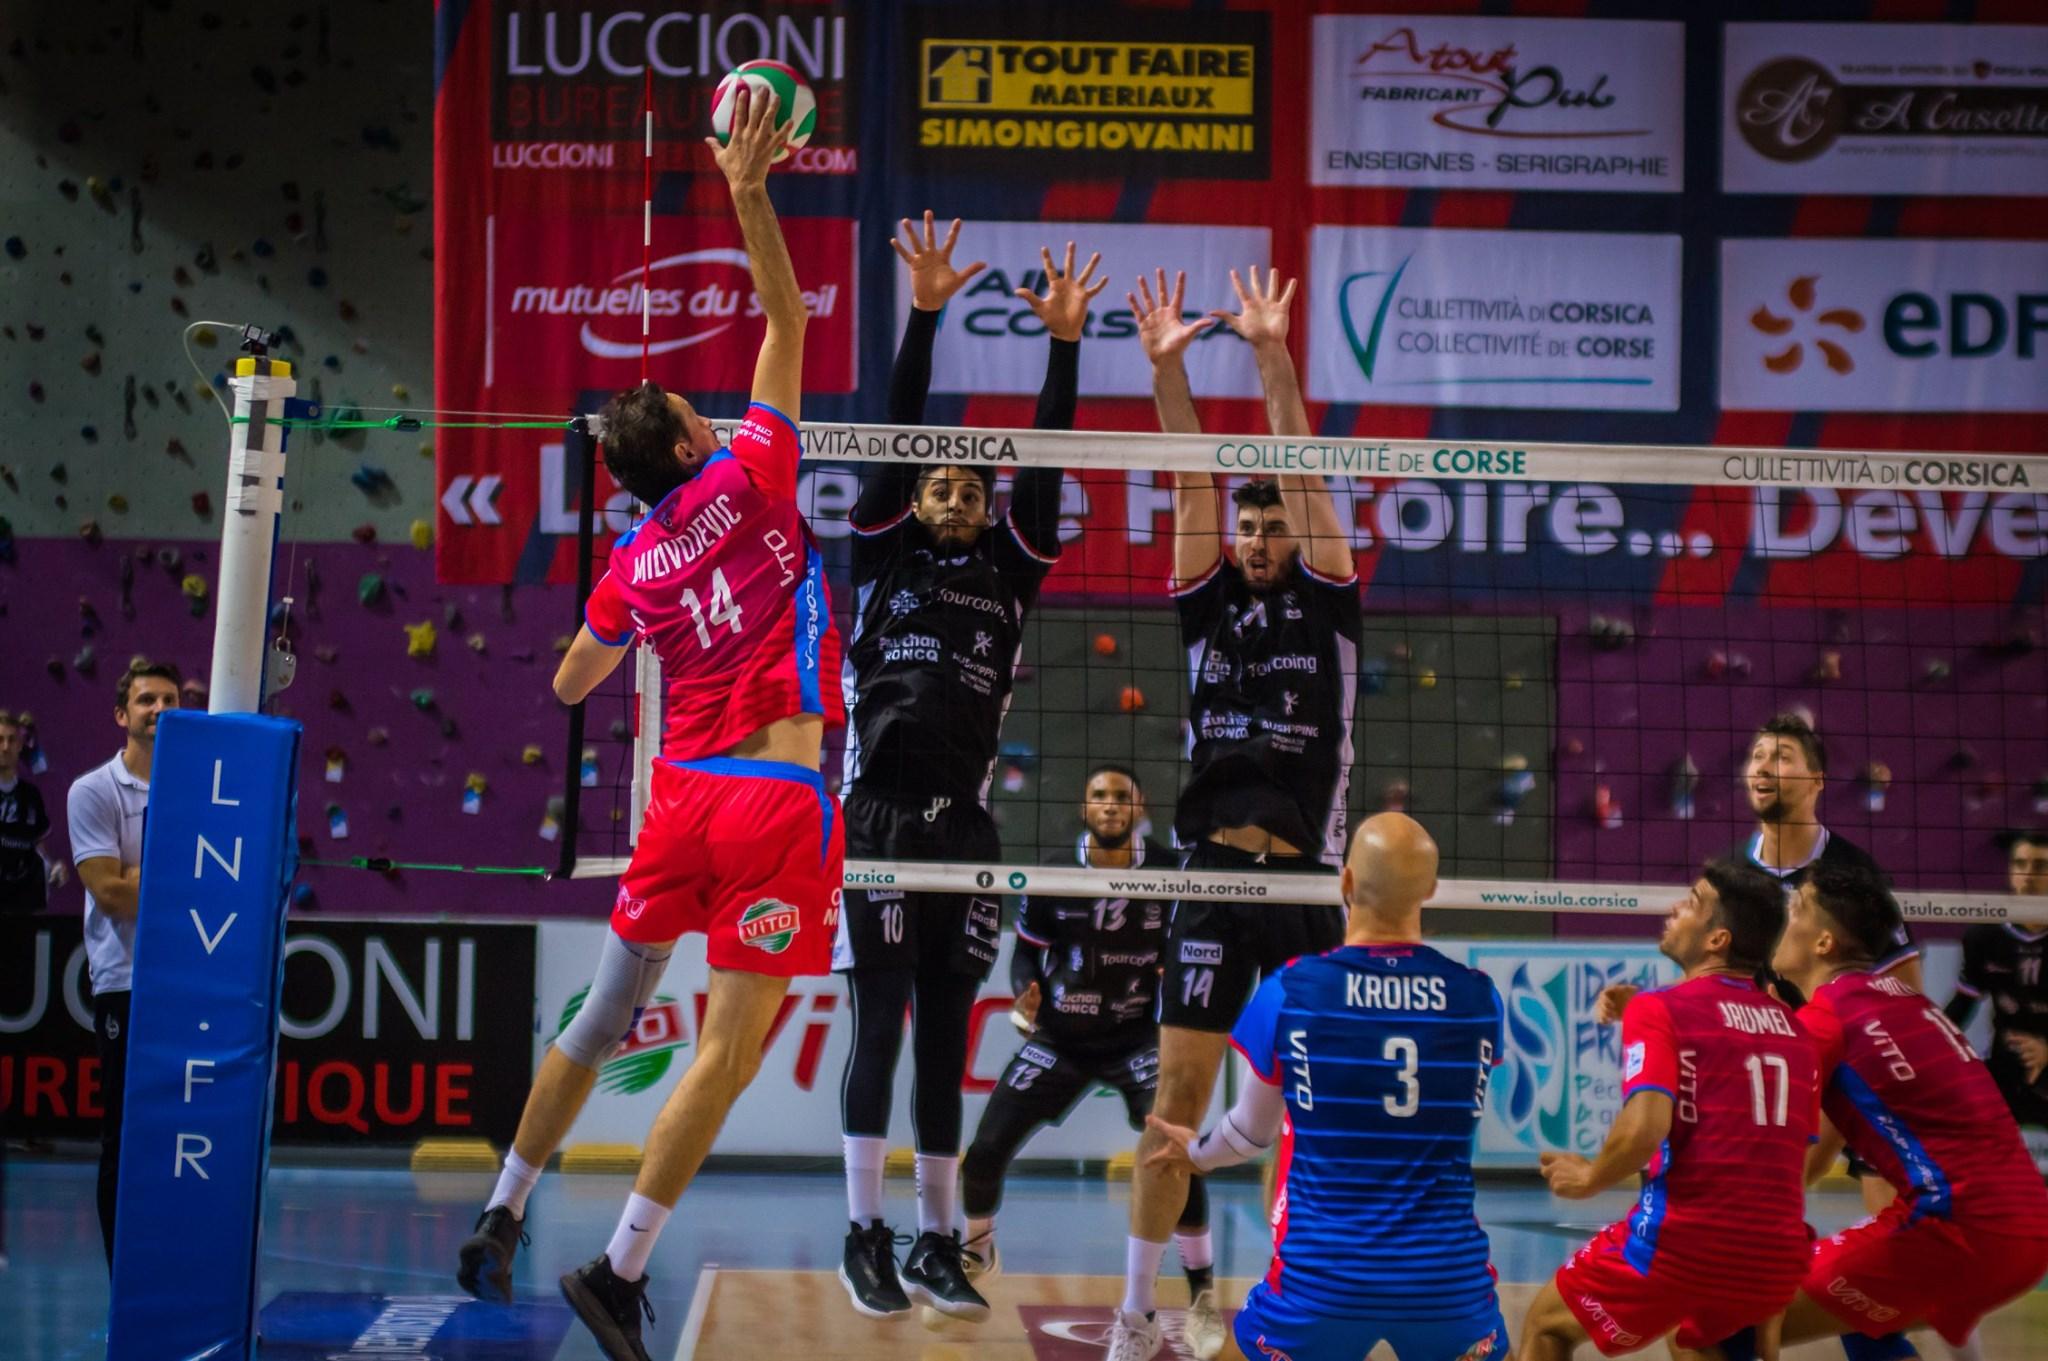 Volley : Le GFCA termine l'année sur une défaite